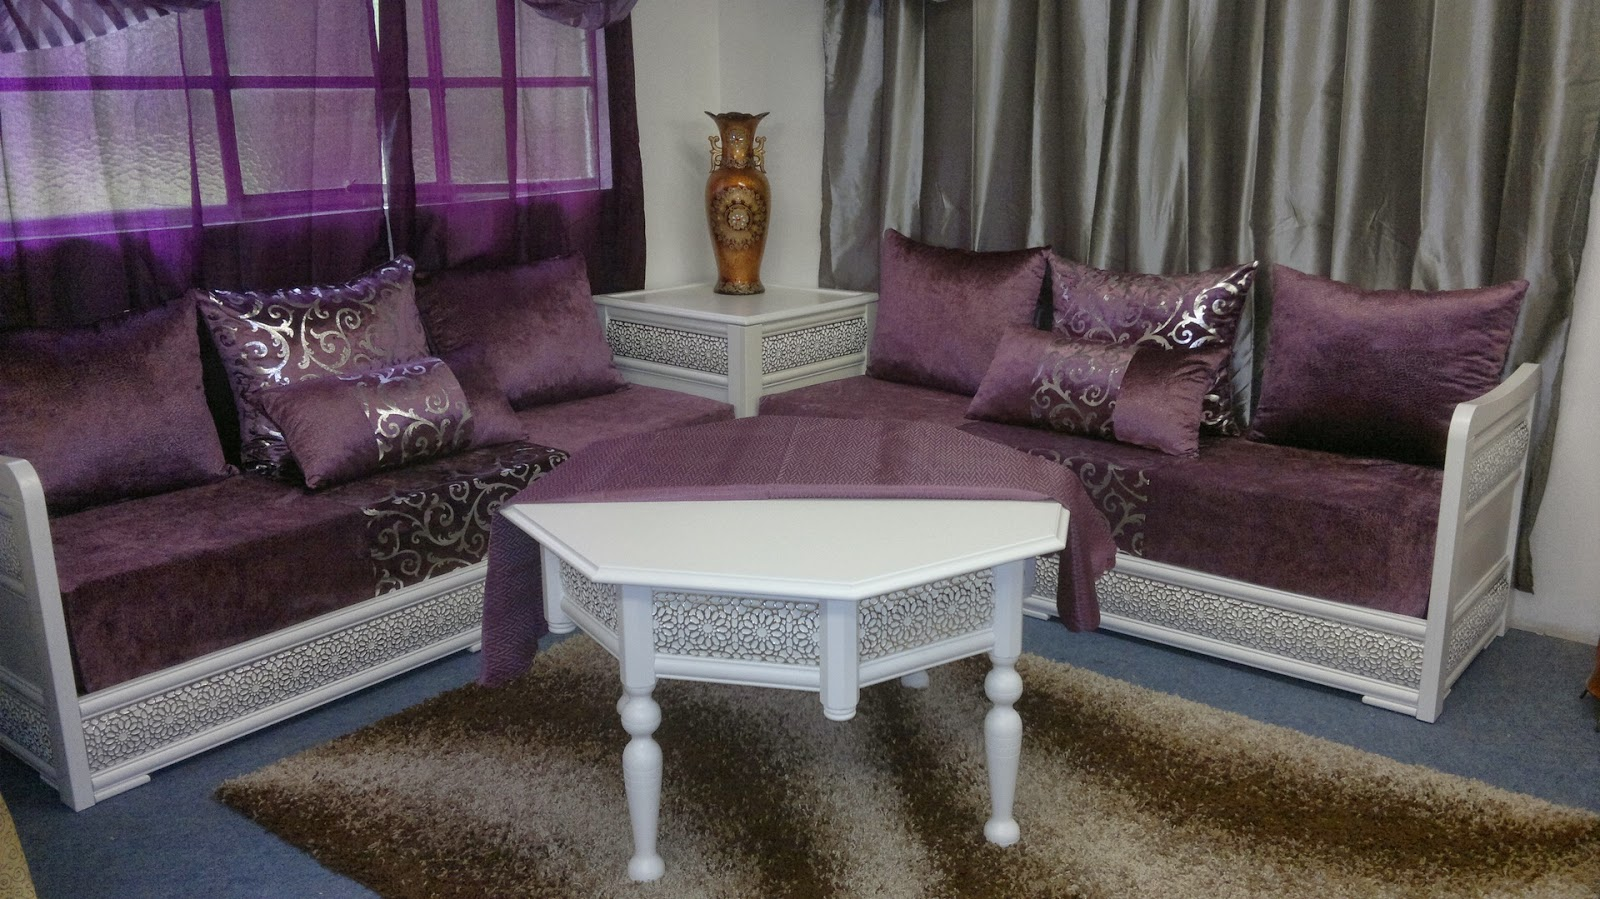 Canaps de salon marocain en bois  Dcor salon marocain